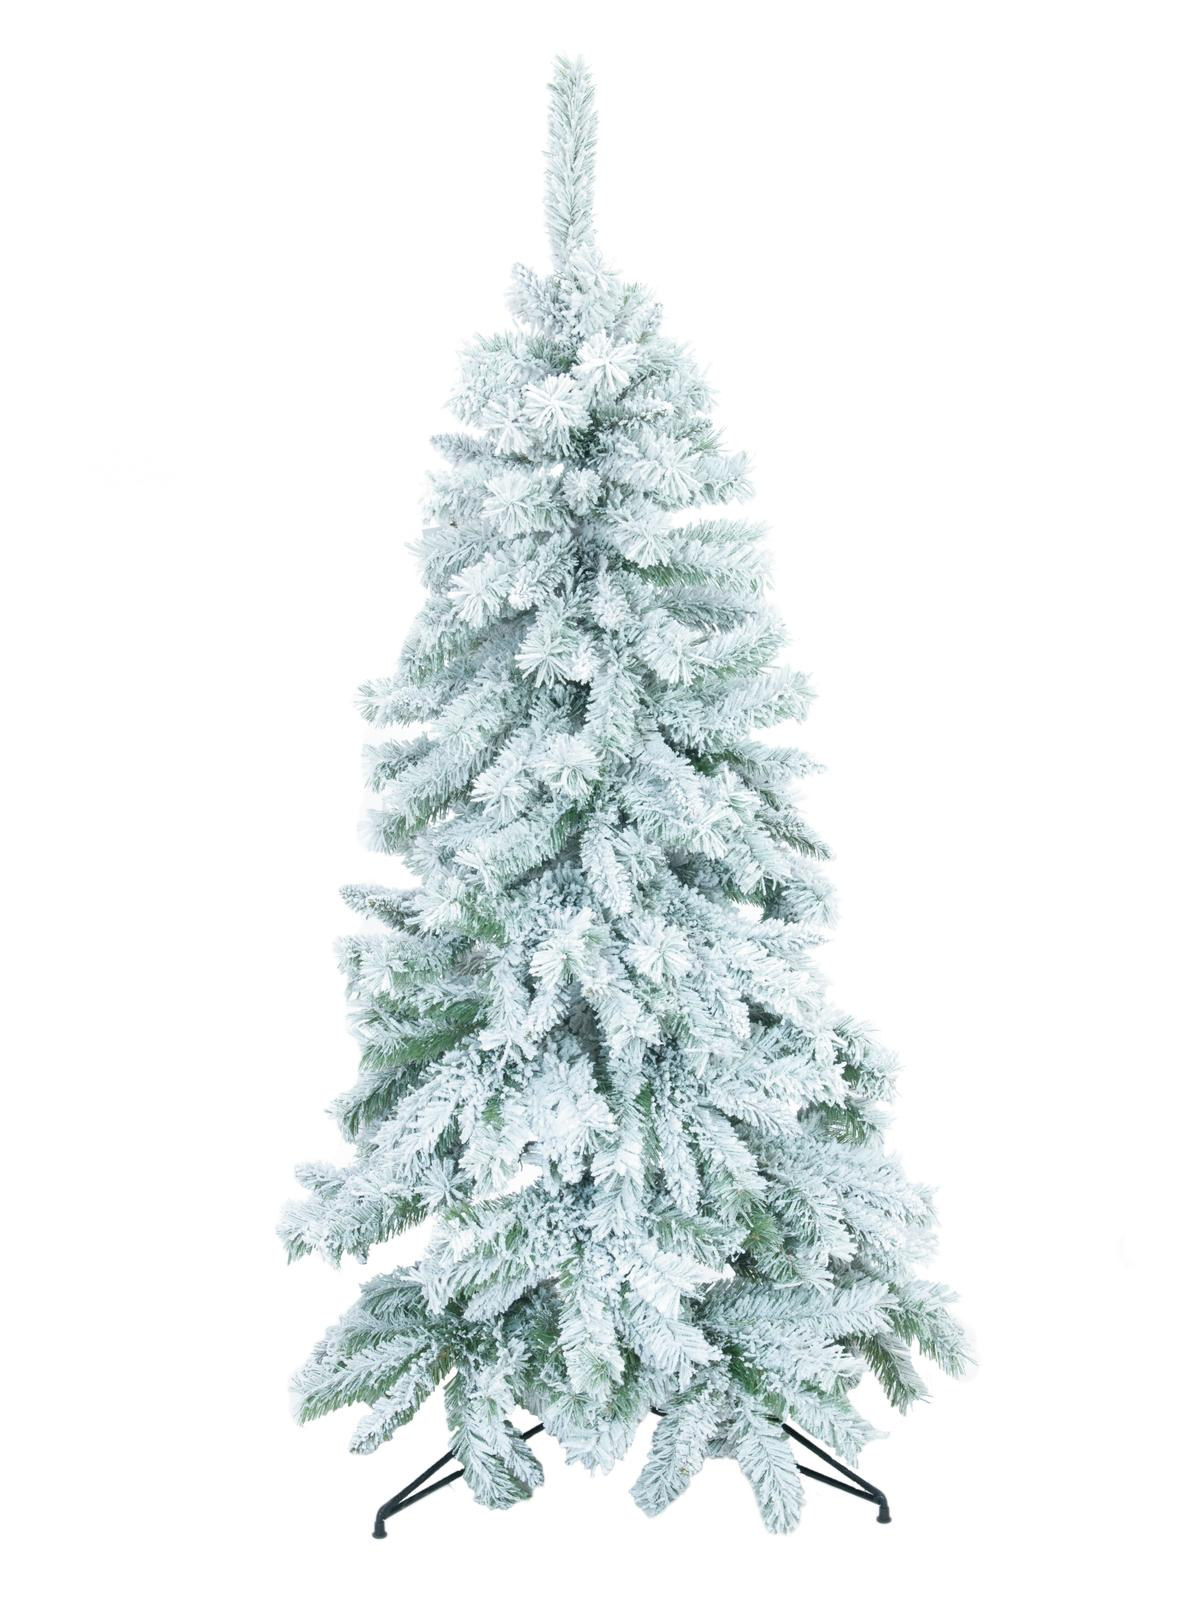 Umělý vánoční stromek Jedle zasněžená, 210 cm